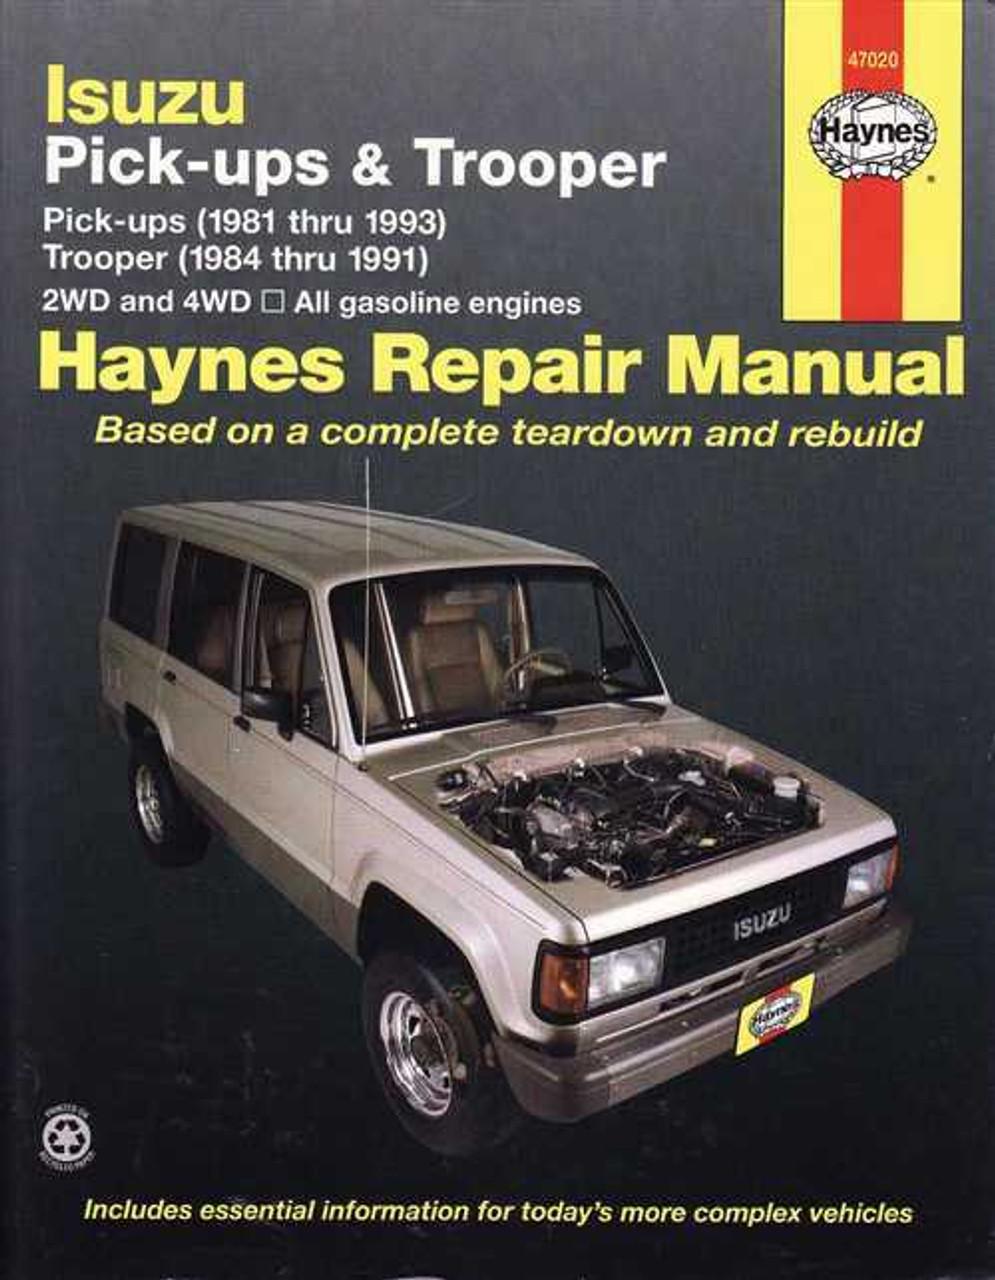 Holden Rodeo Jackaroo Isuzu Pick Up Trooper 1981 1991 Workshop